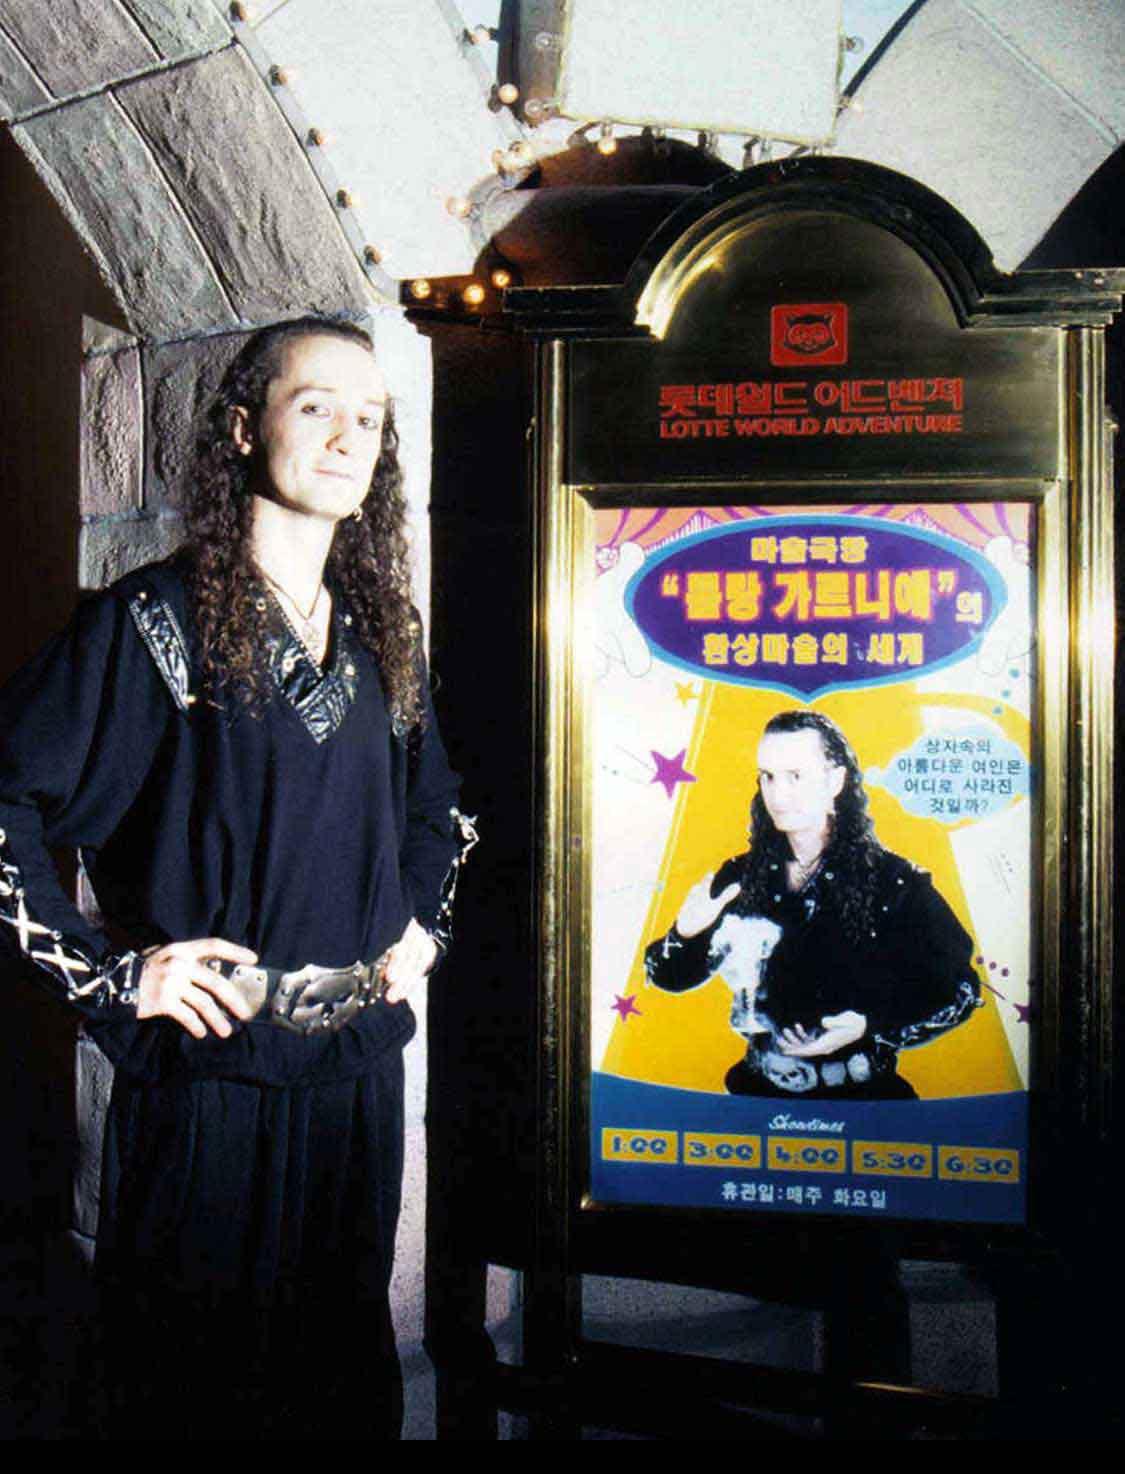 The illusionist Loran in Korea - Biography